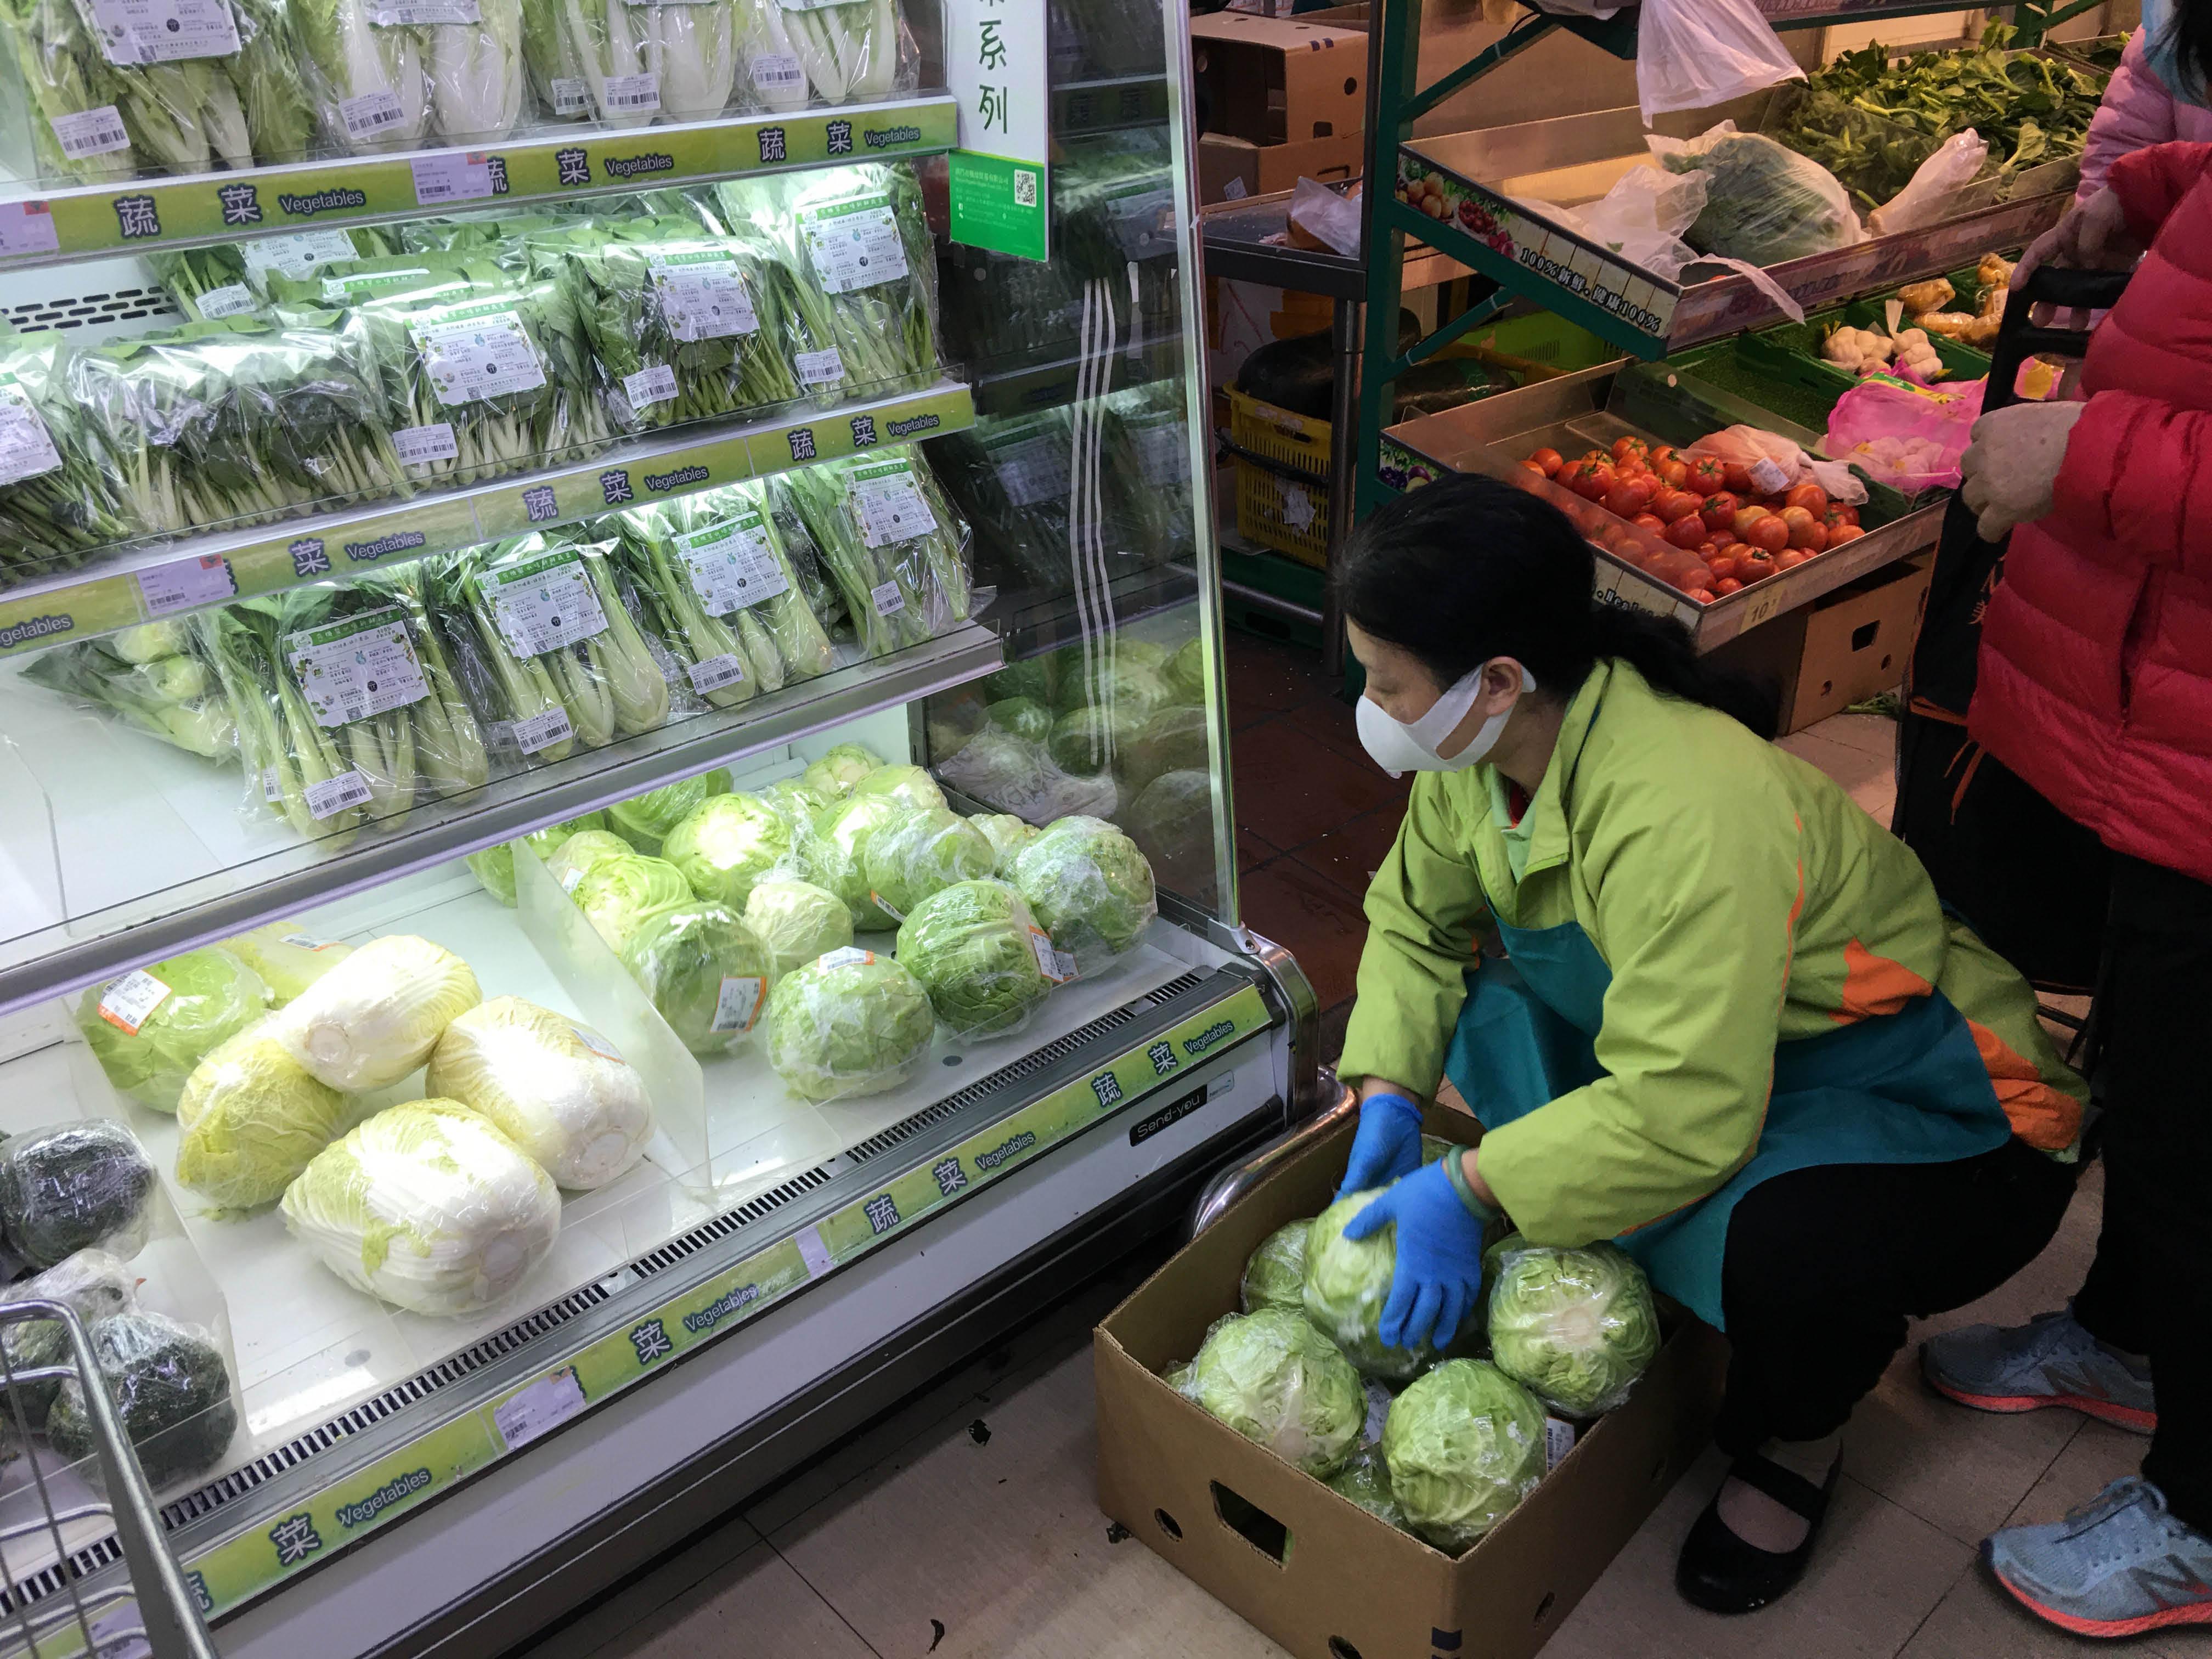 超市員工將蔬菜上架.jpg